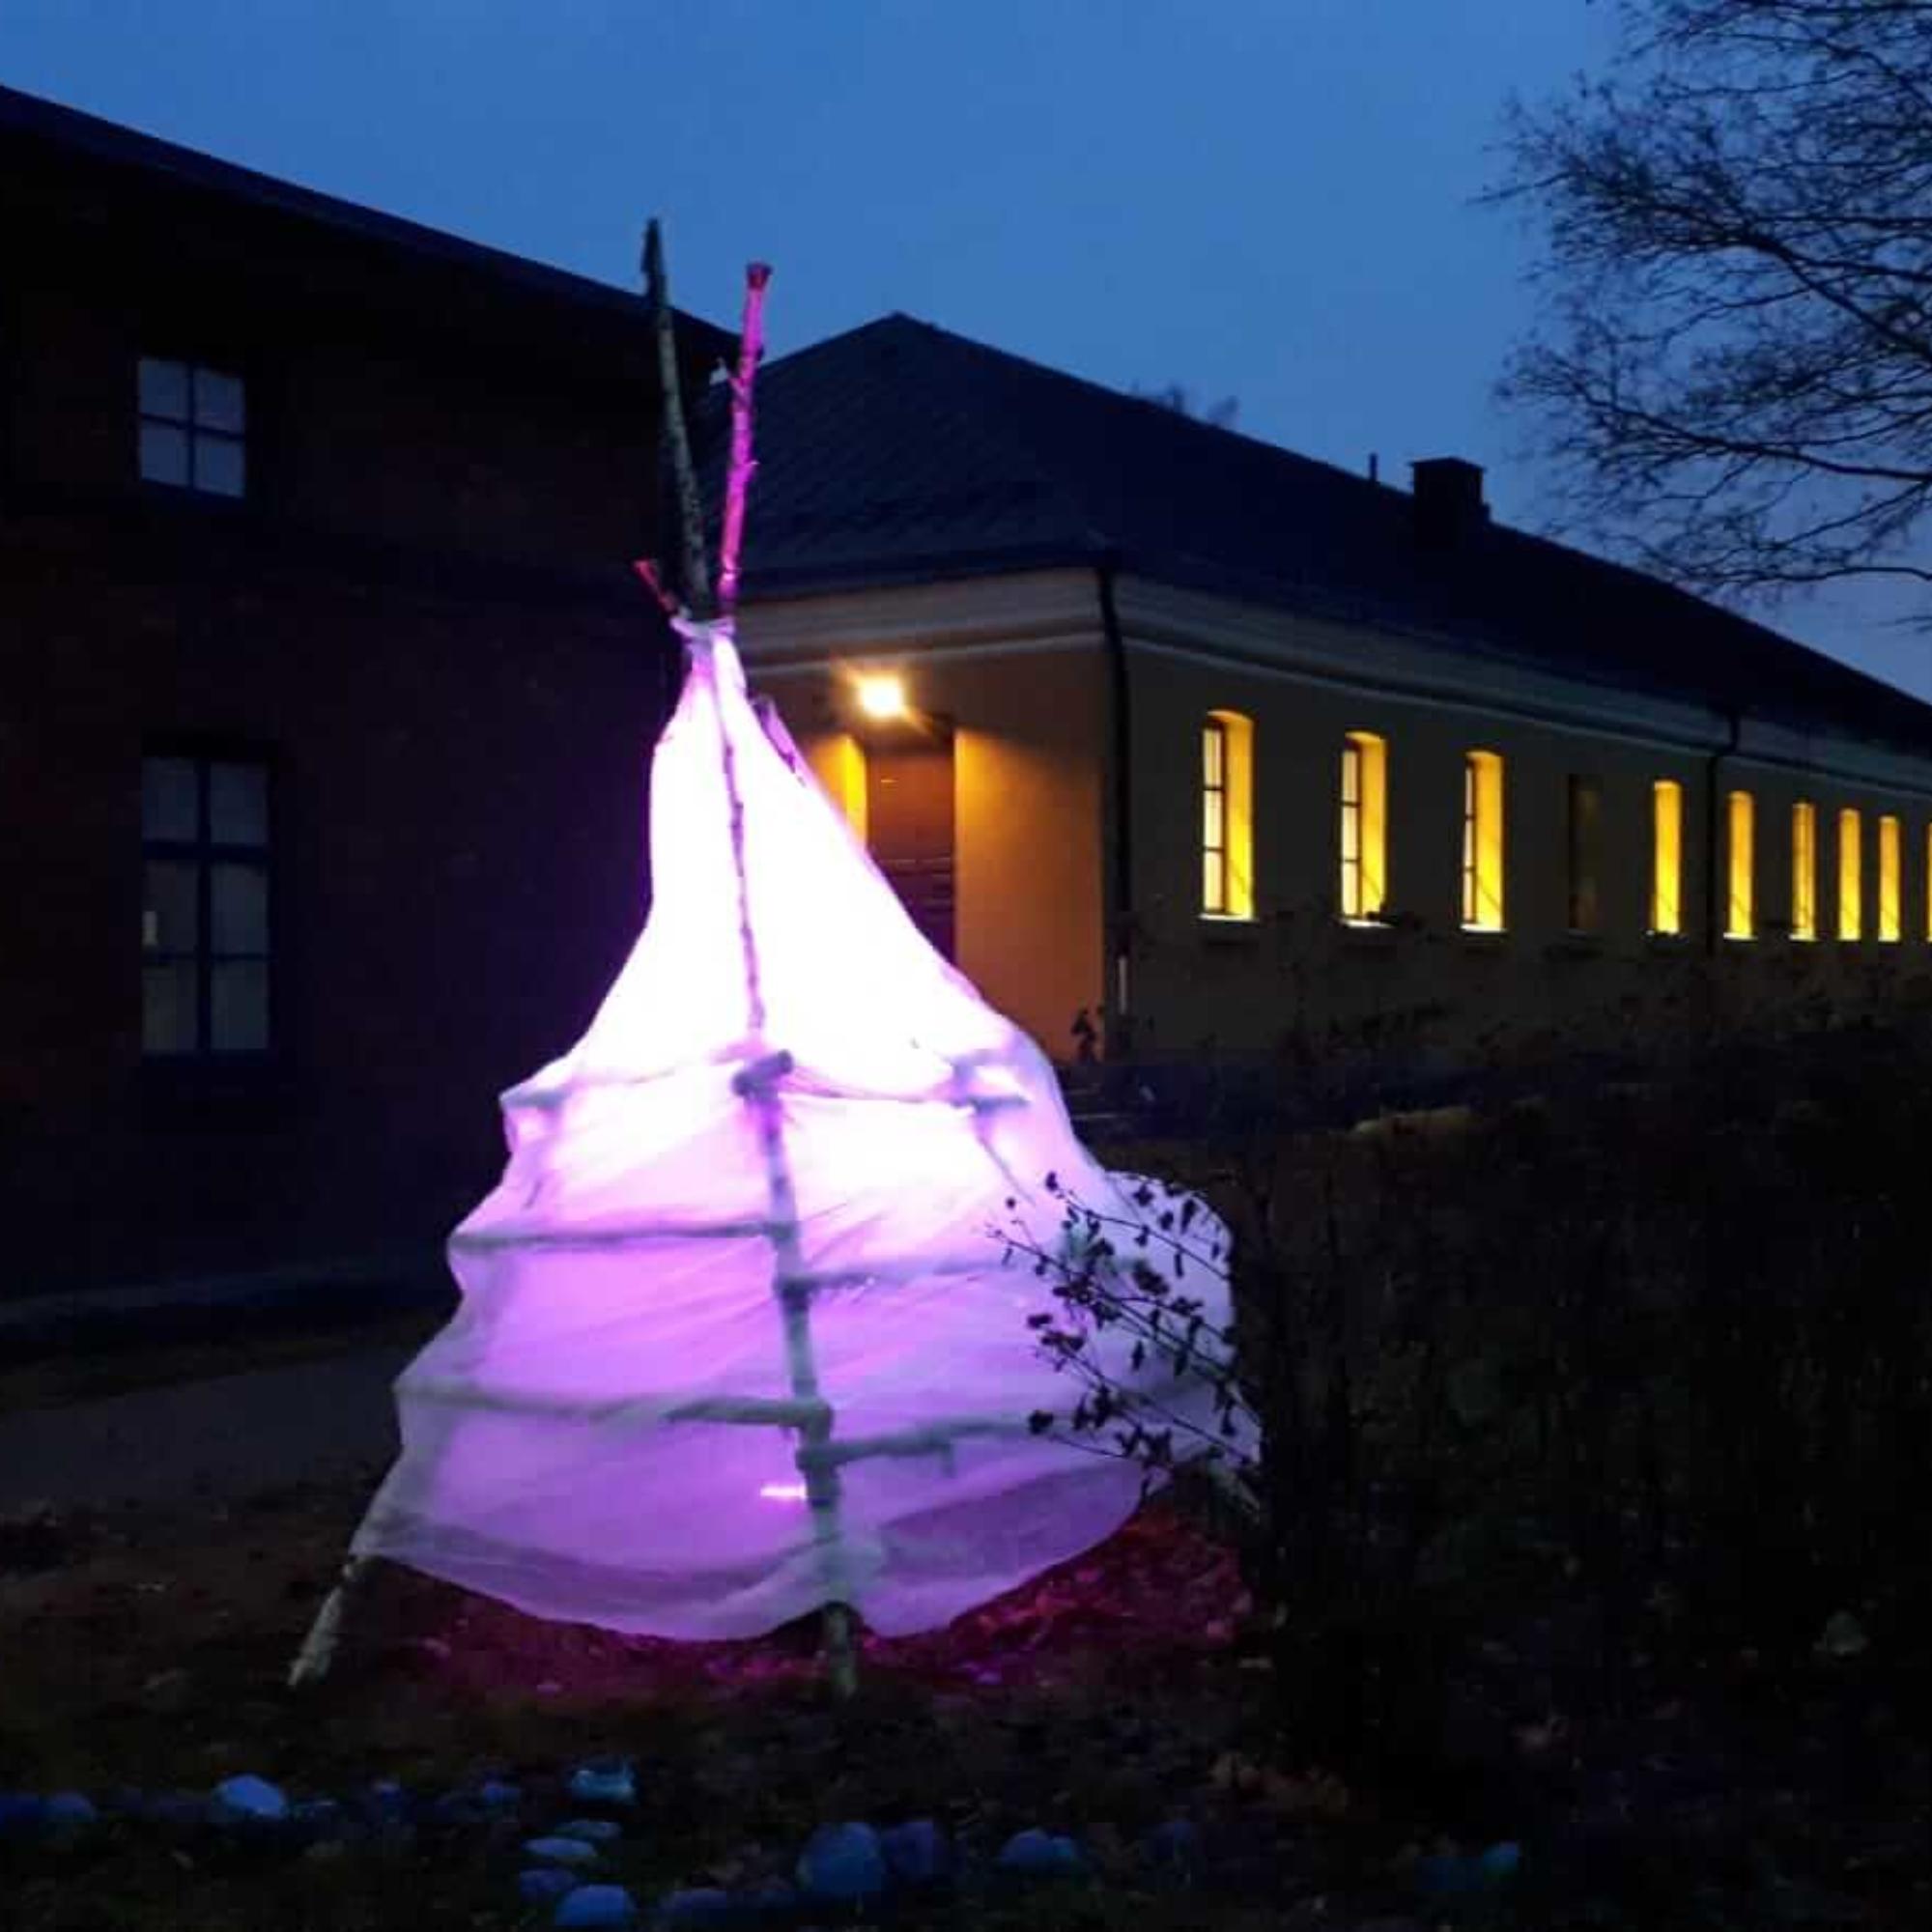 Lappeenrannan kuvataidekoulun Valotiipii sekä tanssia, sirkusta ja ilotulitusta.